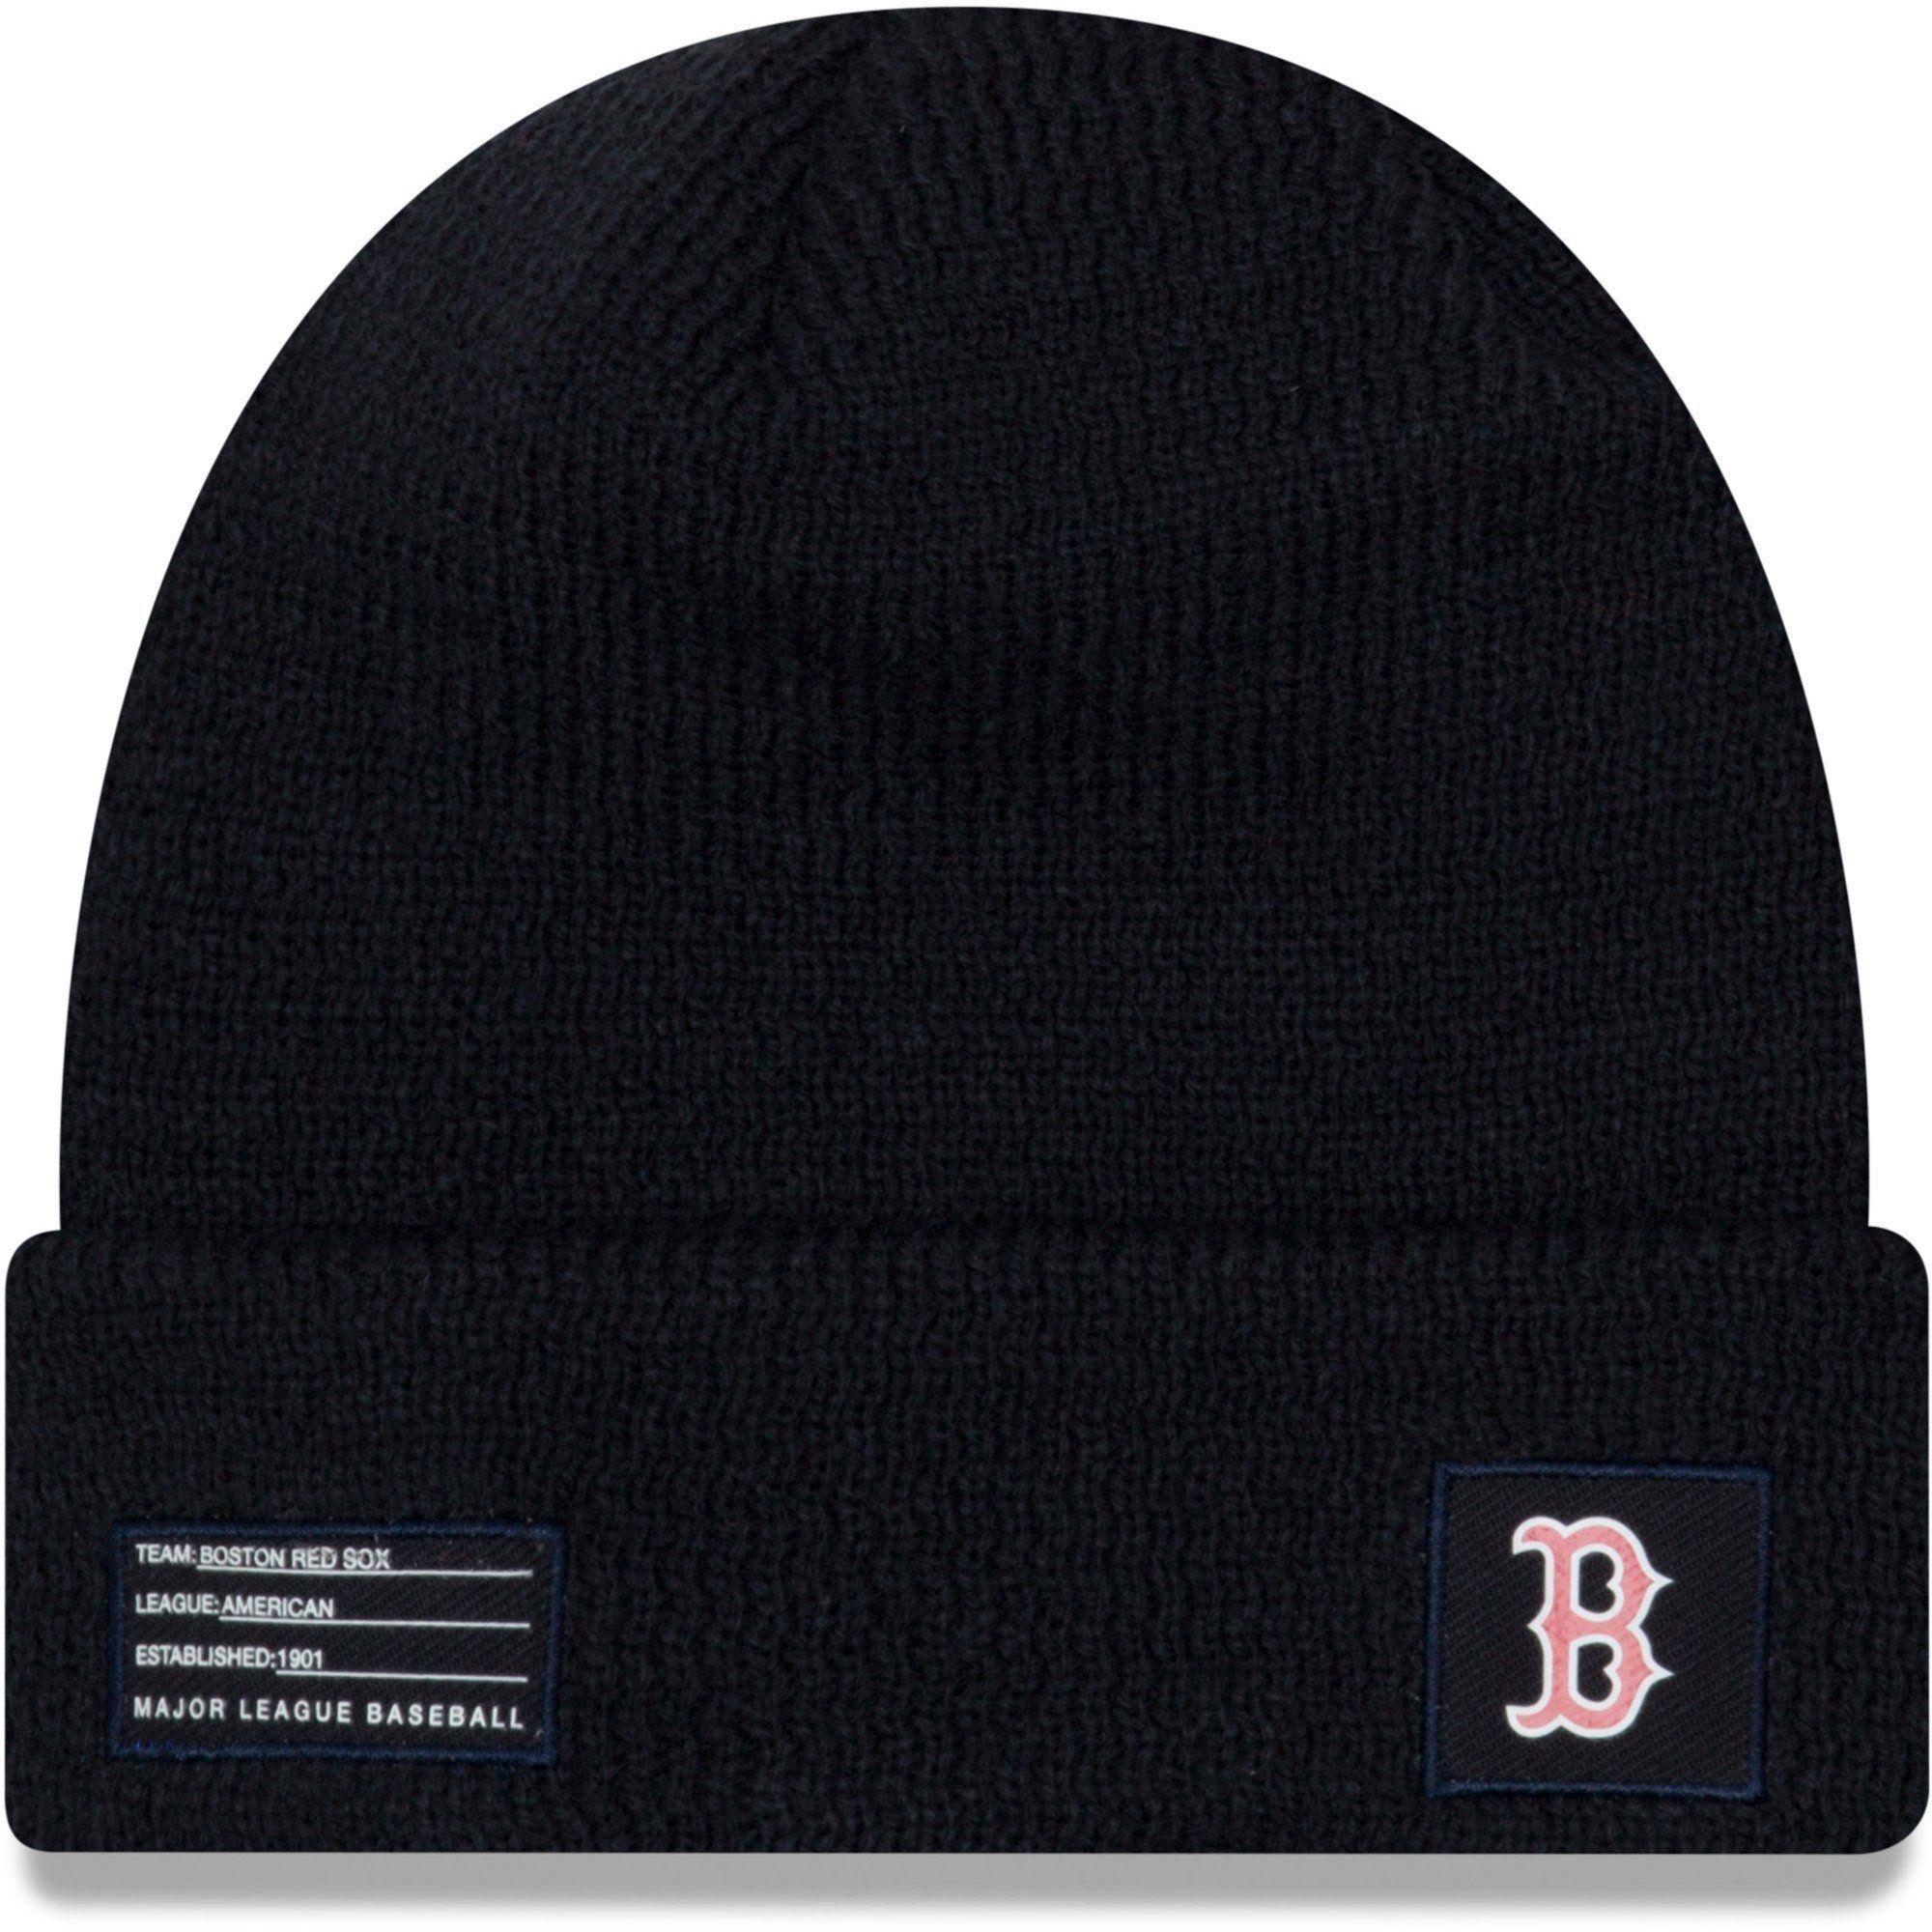 995bd58c8 Men's Boston Red Sox New Era Navy On-Field Sport Cuffed Knit Hat in ...